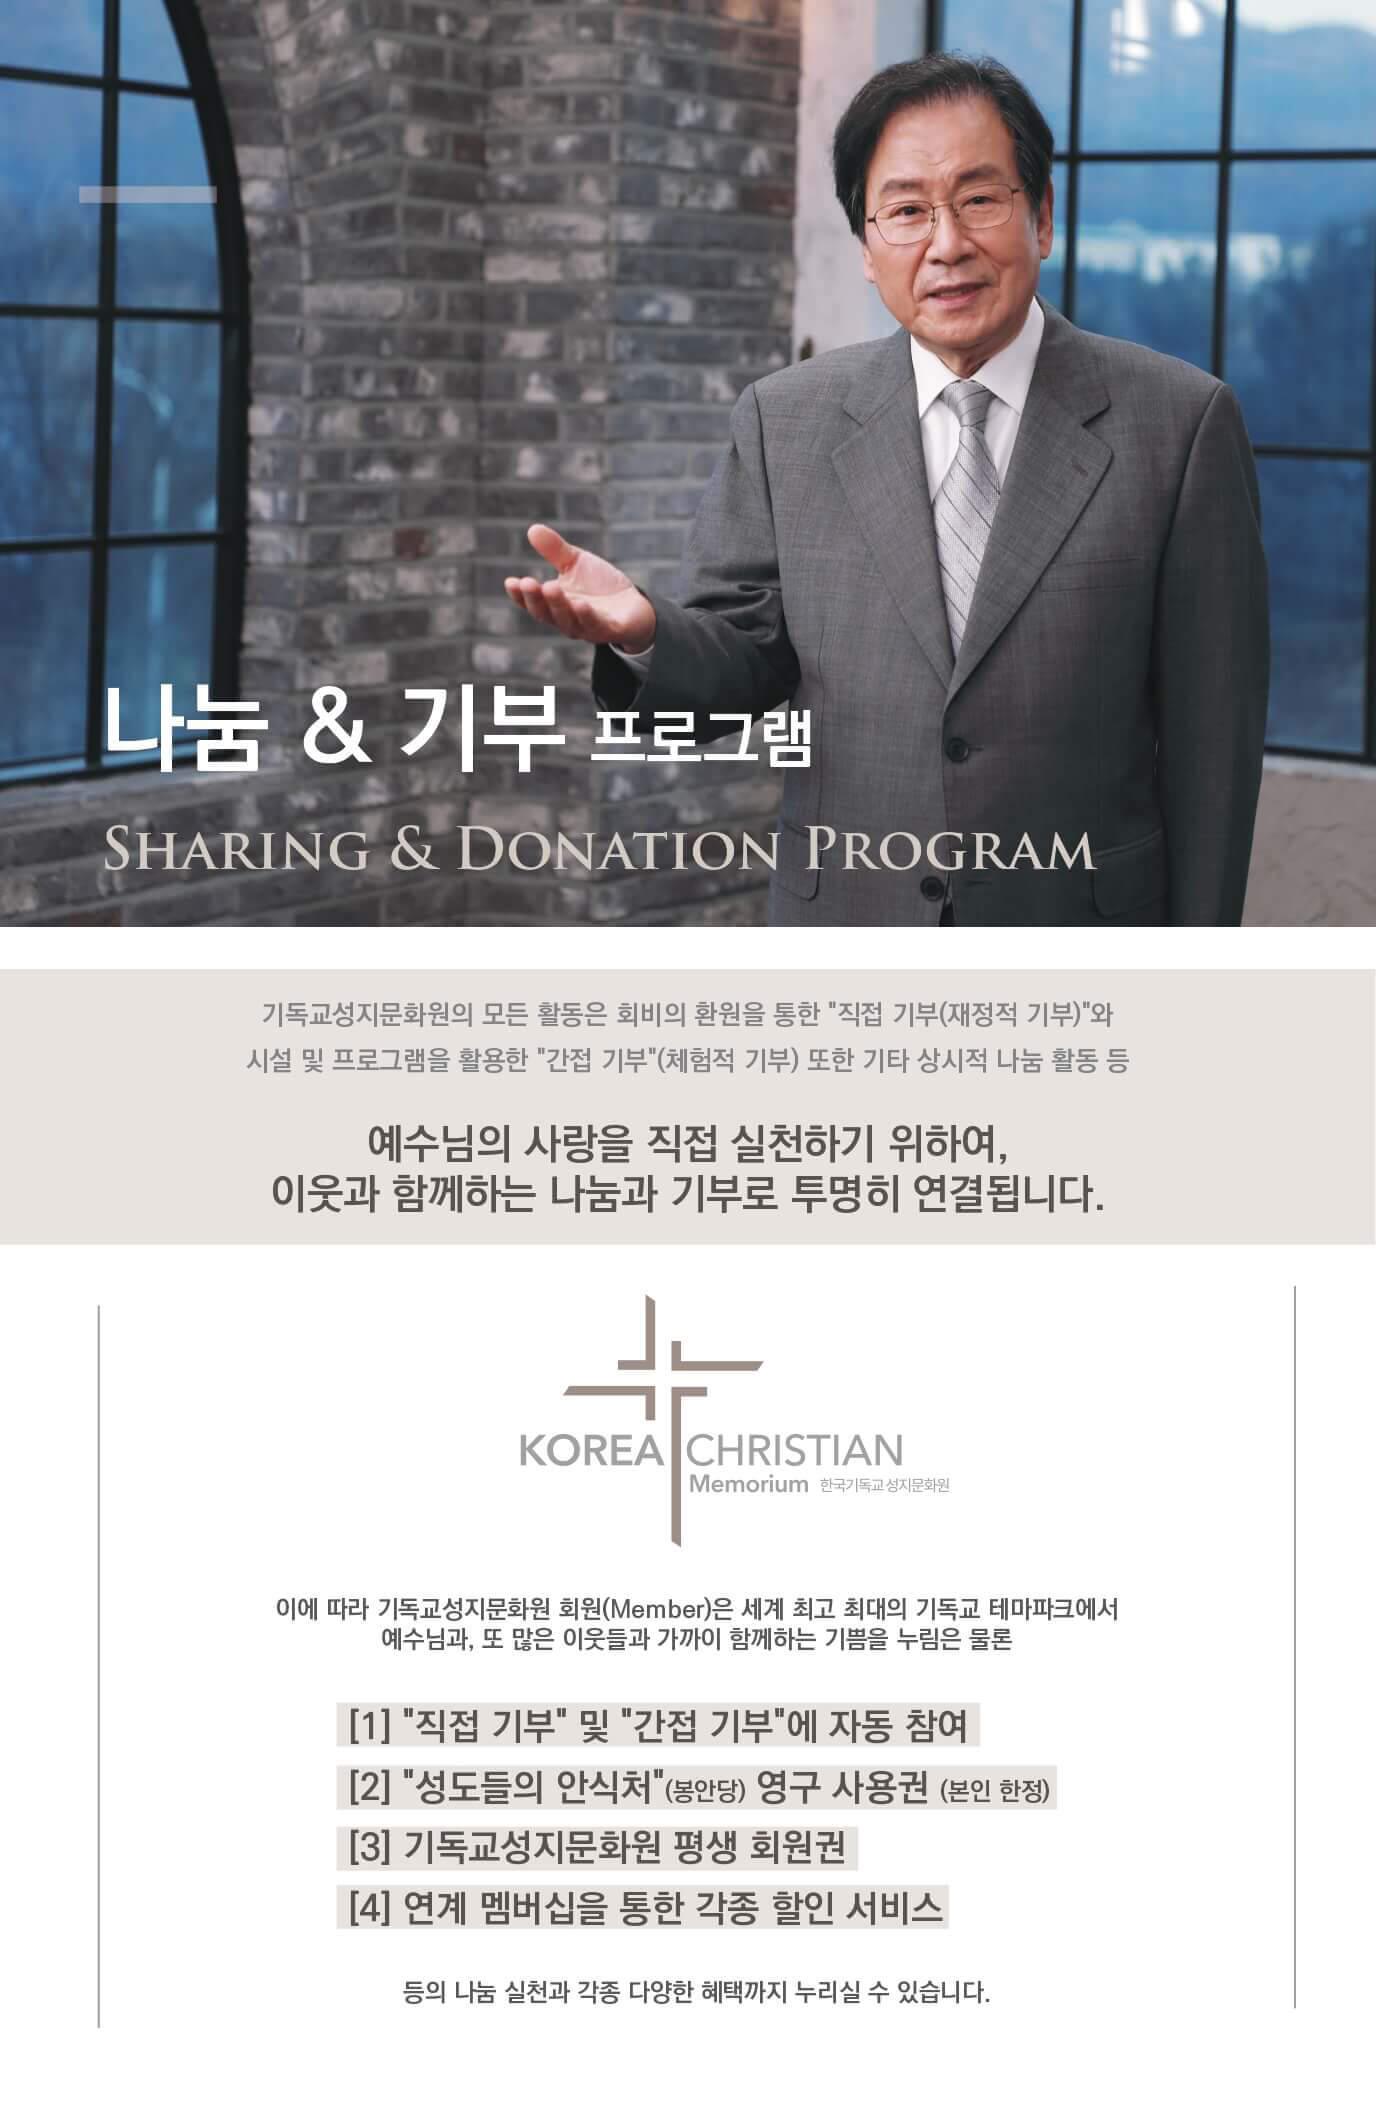 한국기독교성지문화원 멤버쉽혜택 이미지(5)